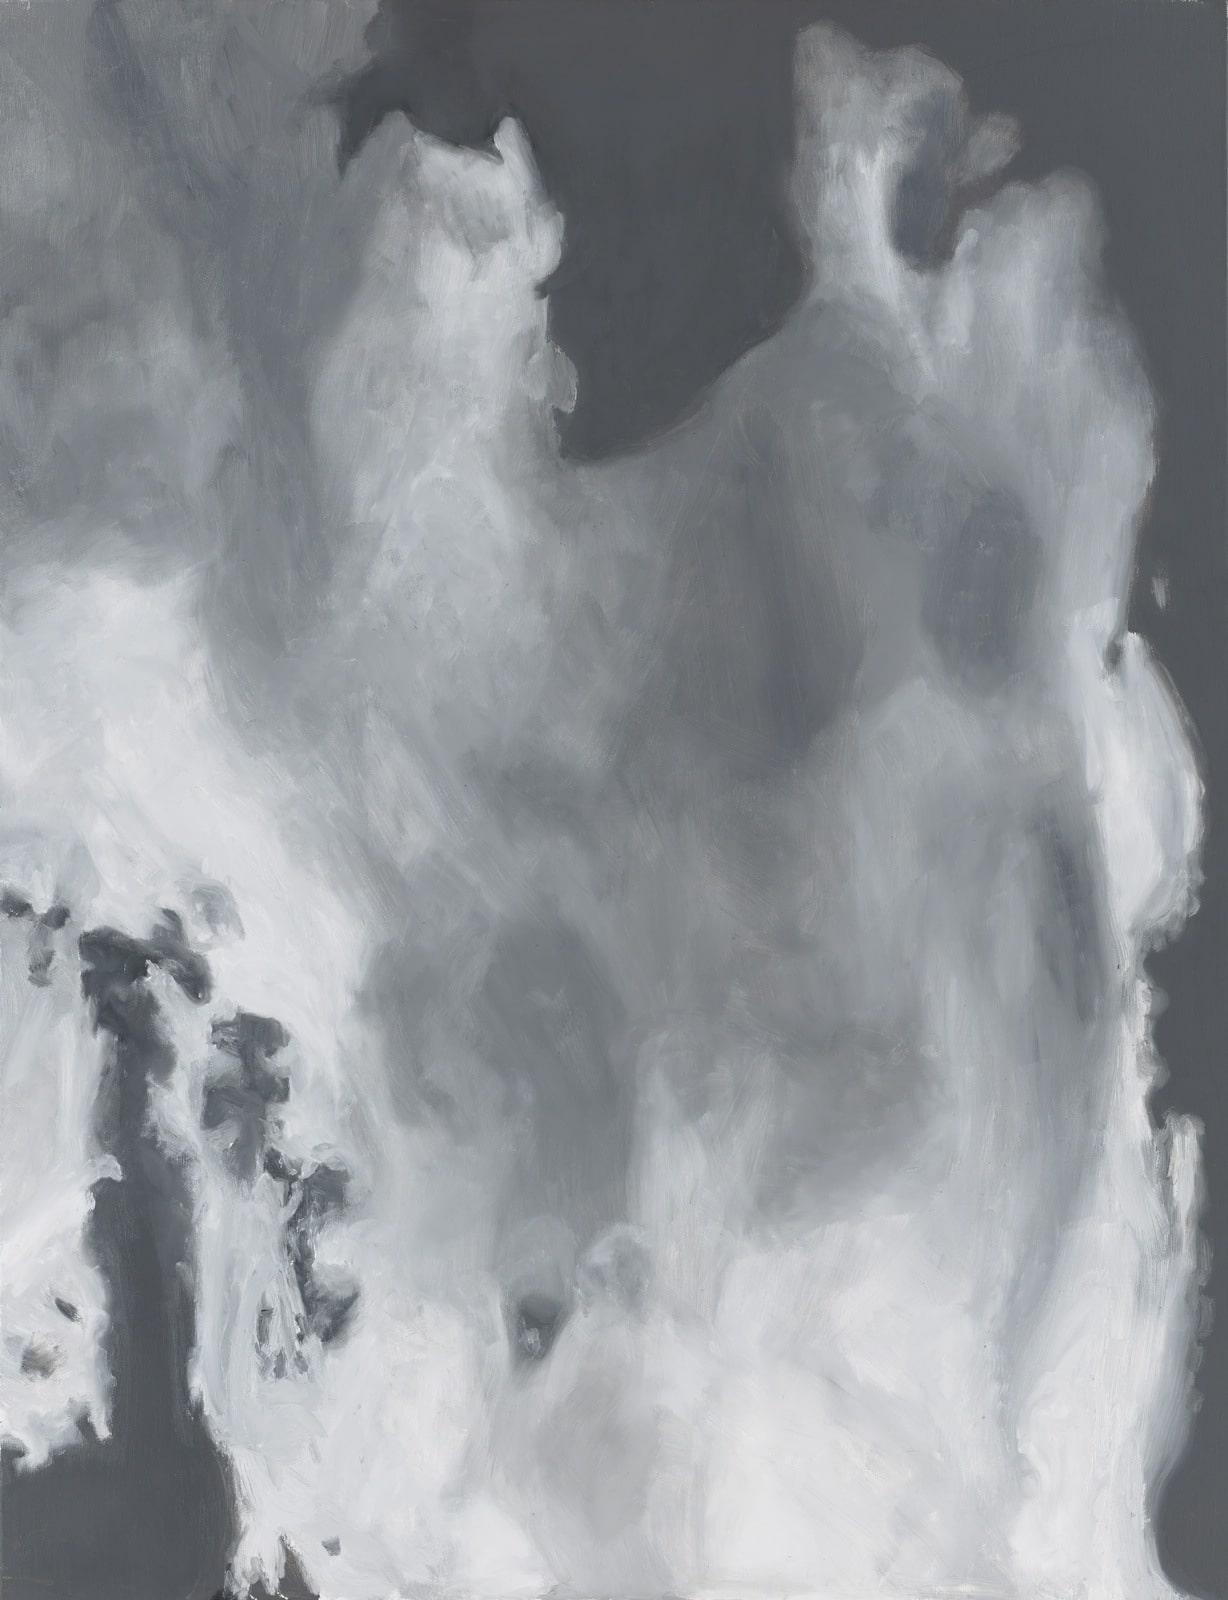 Tableau contemporain - Peinture à l'huie : Nuages - Evocation de l'Eternité